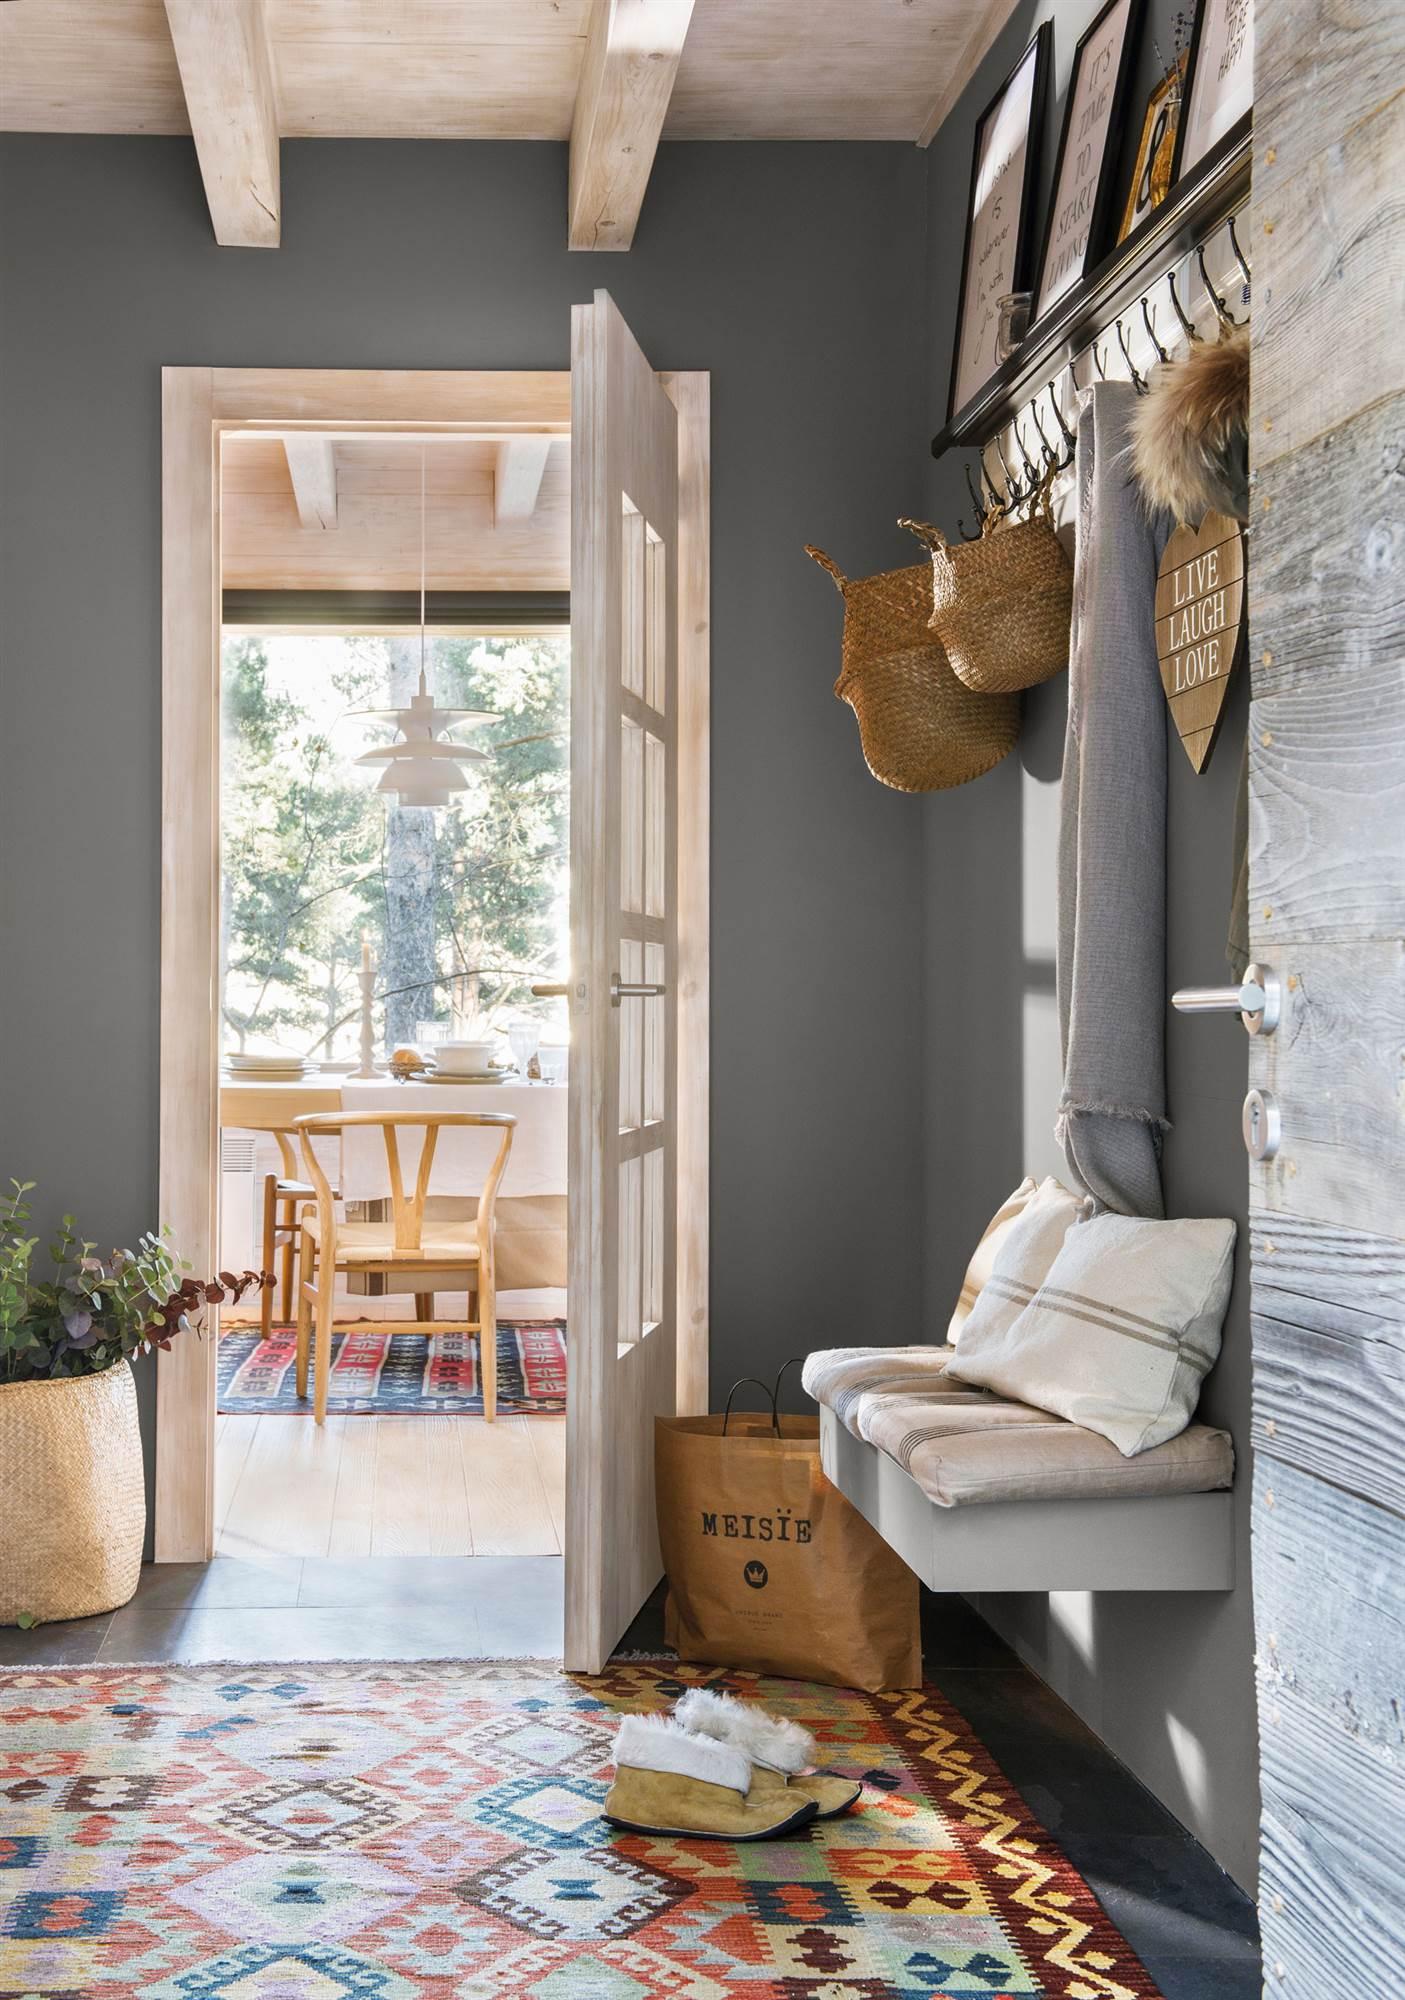 Los colores para pintar el recibidor que mejor le sentar n for De que color pinto las puertas de mi casa